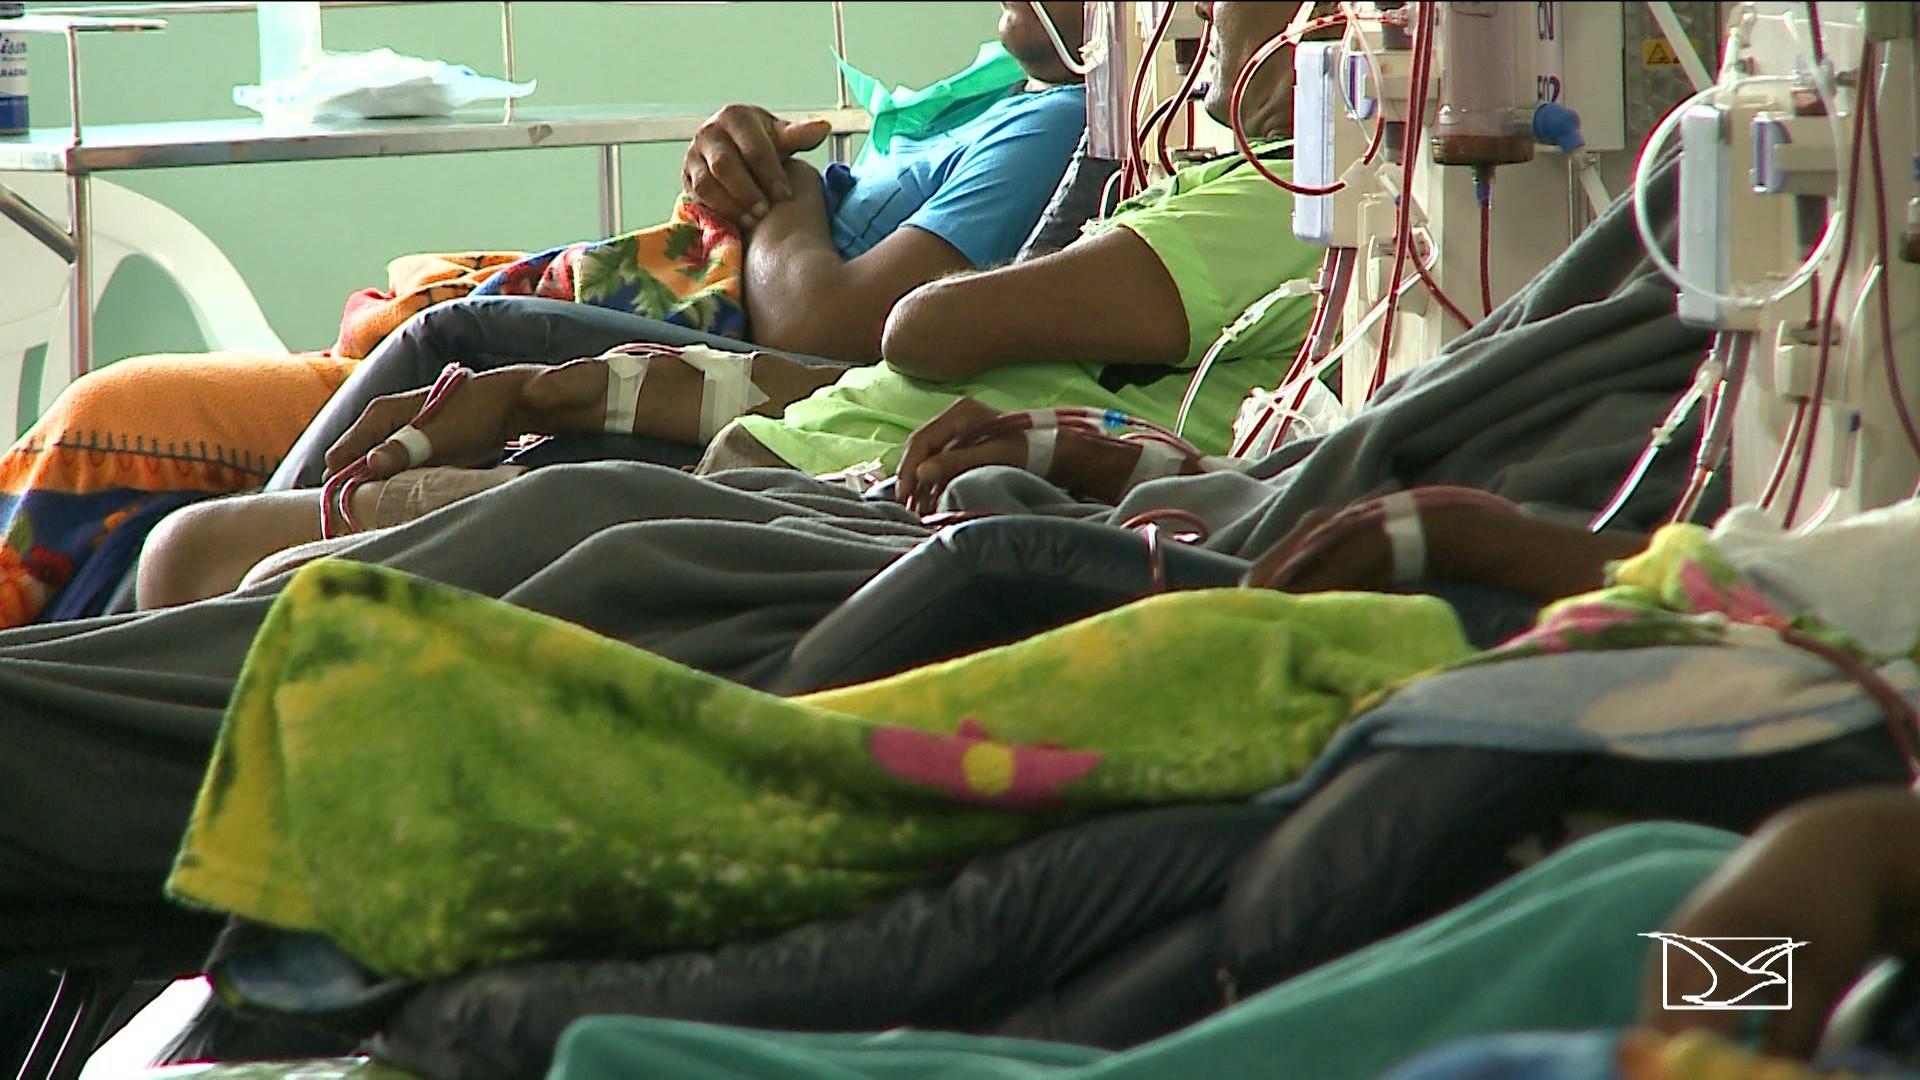 Mesmo após decisão judicial, obras em clínicas de hemodiálise seguem paradas no Maranhão